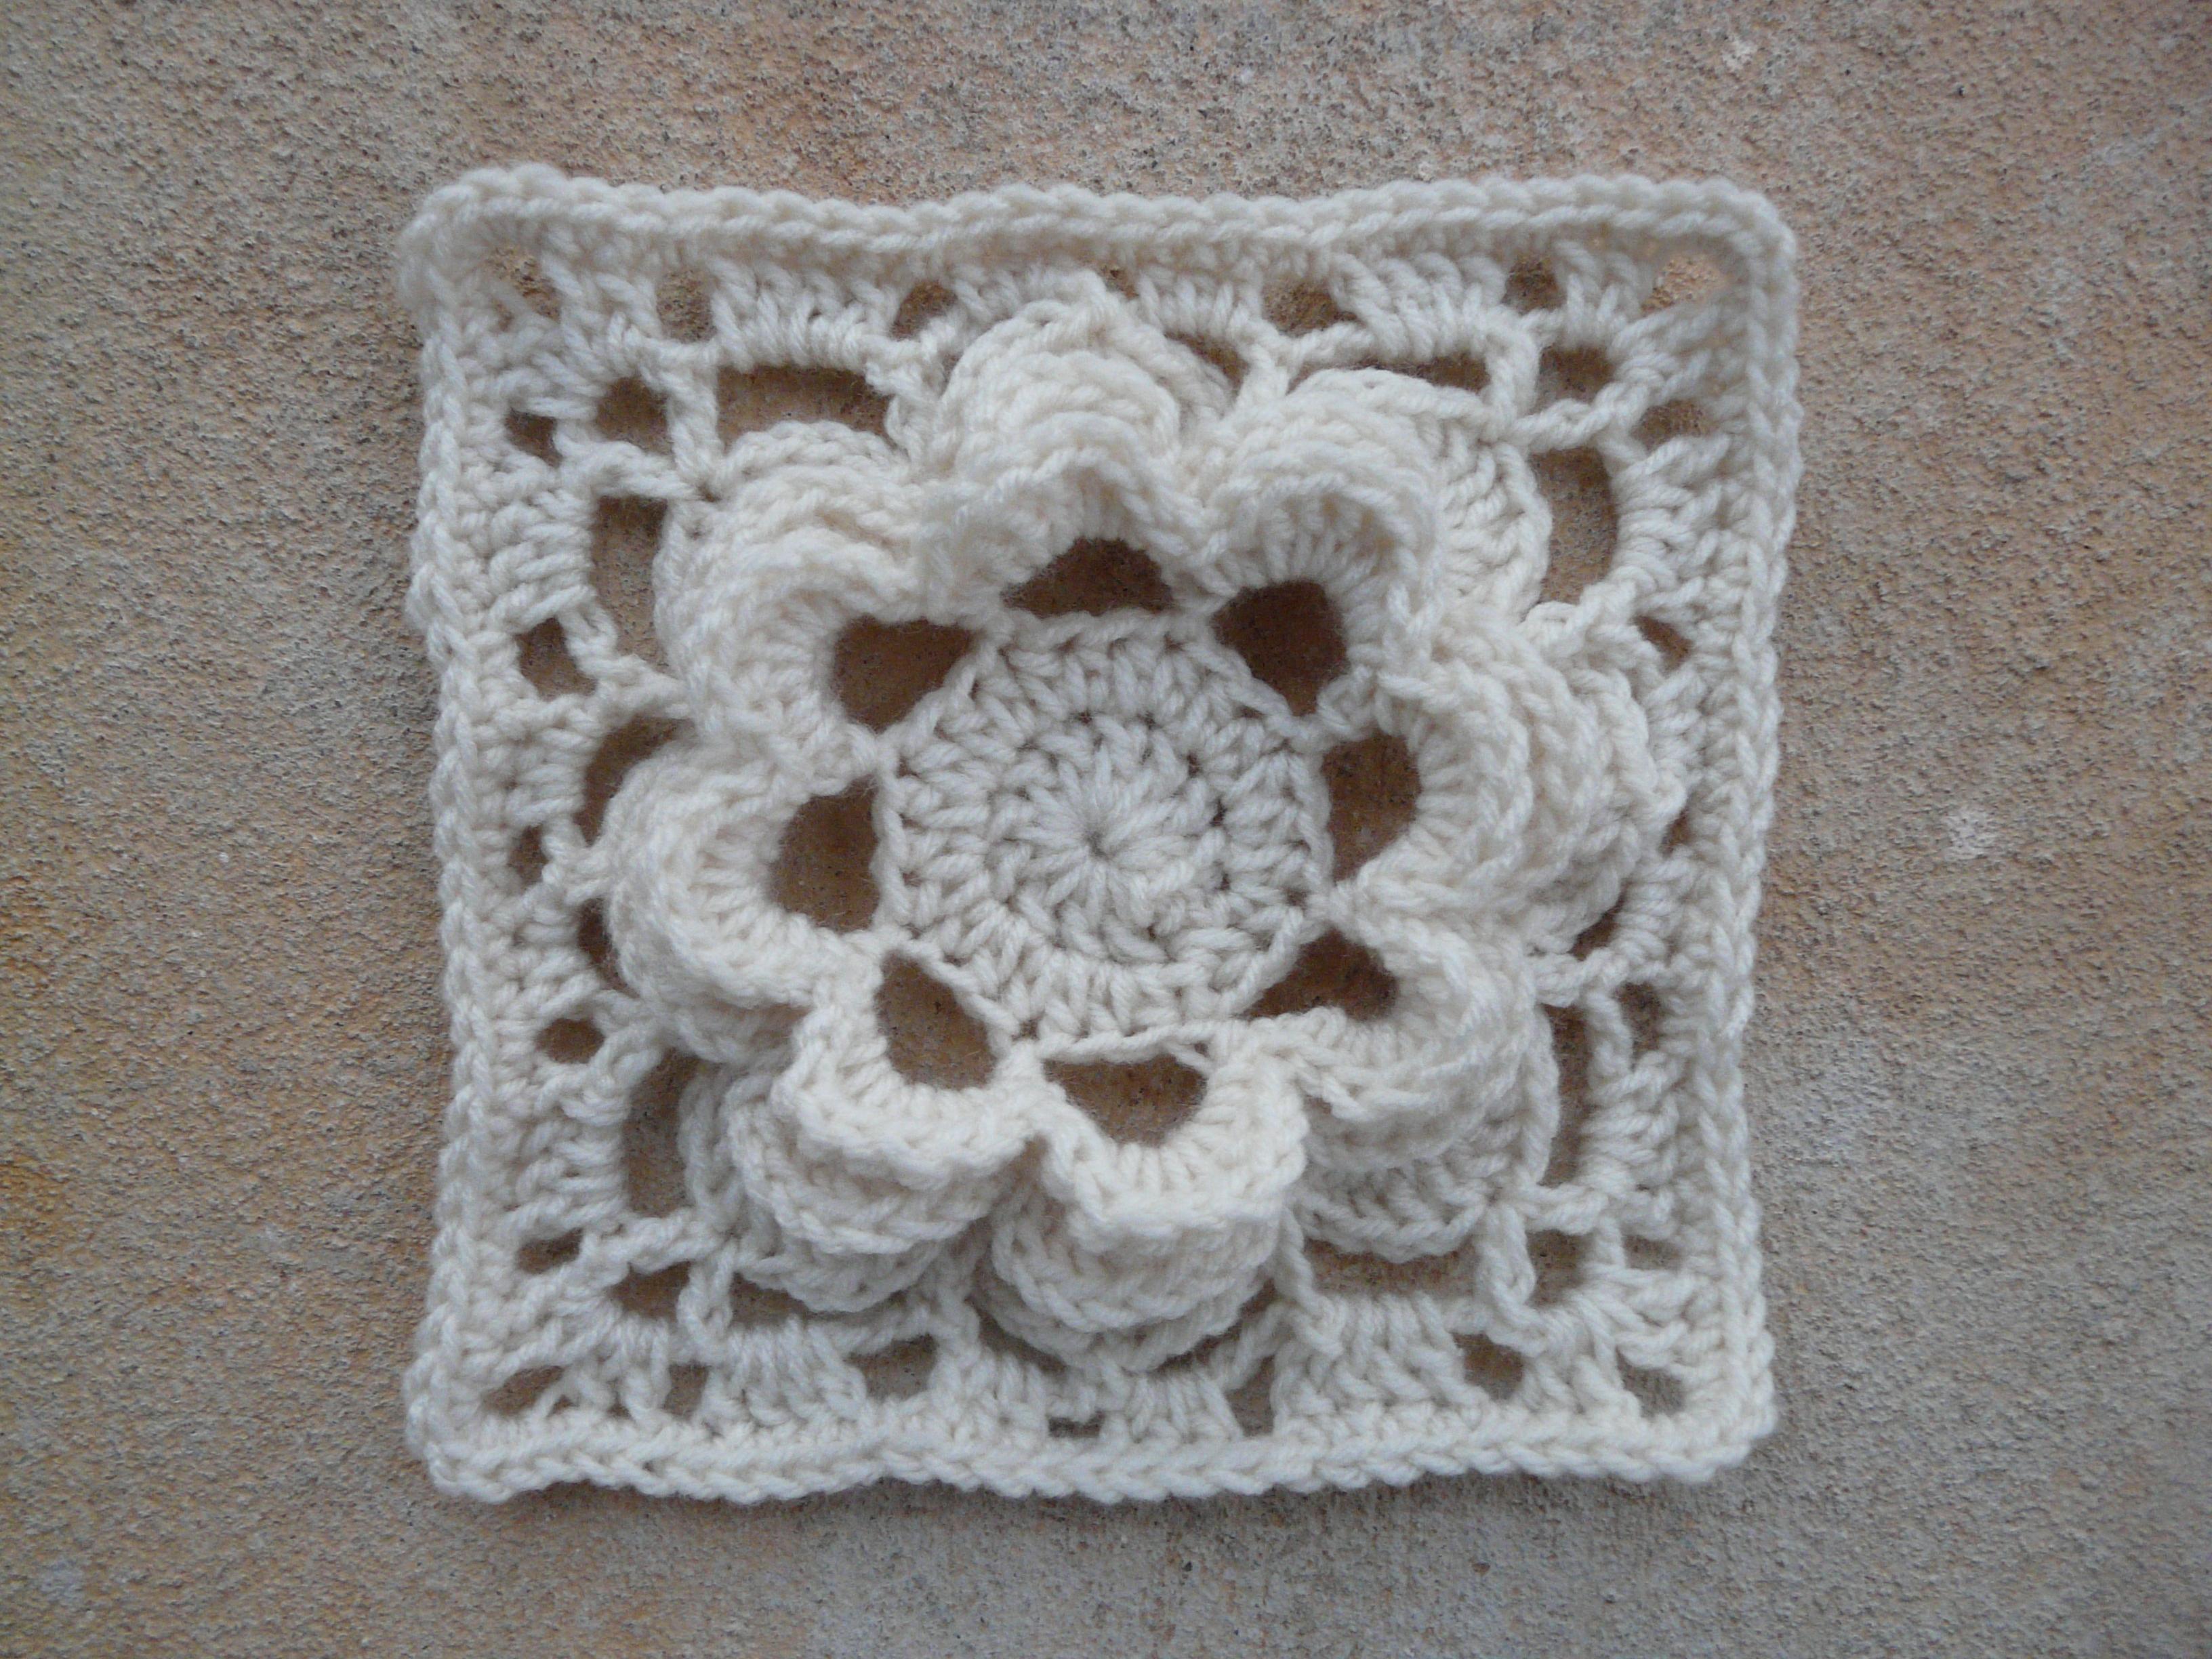 101 Crochet Stitches Jean Leinhauser : An embarrassment of riches - Crochetbug